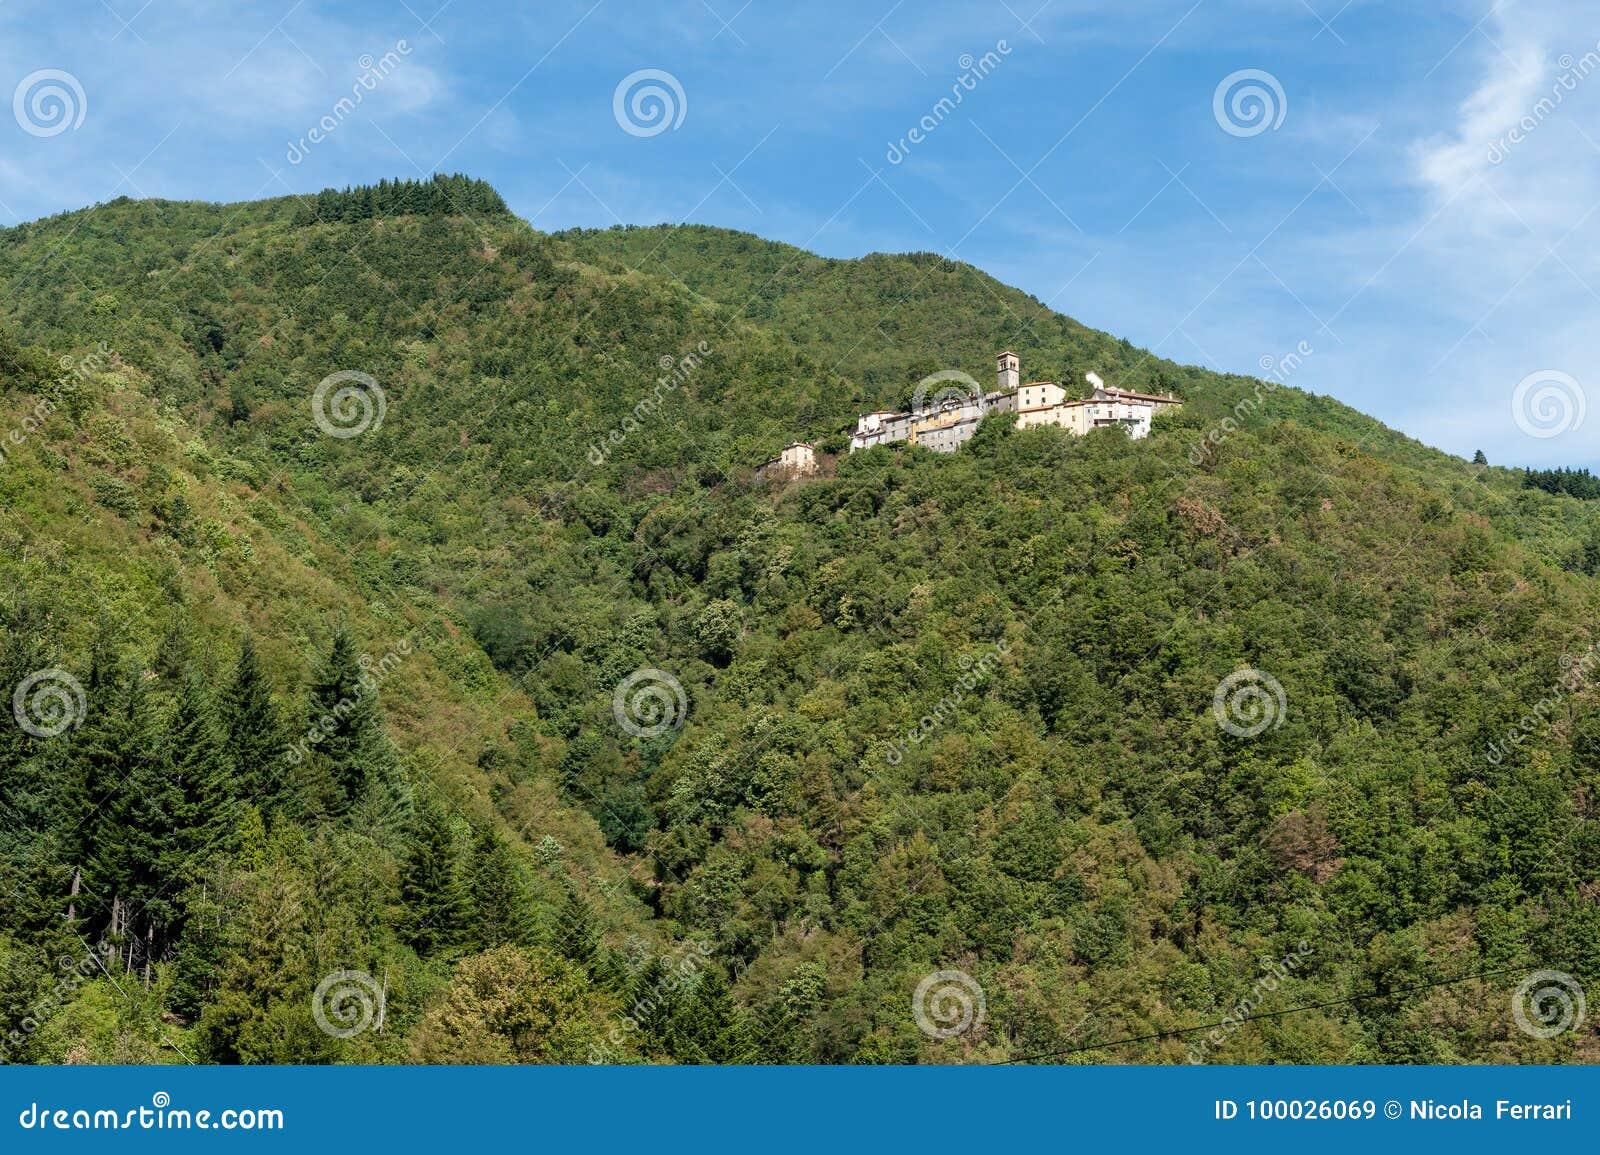 Pequeño pueblo medieval italiano construido en el lado de una montaña